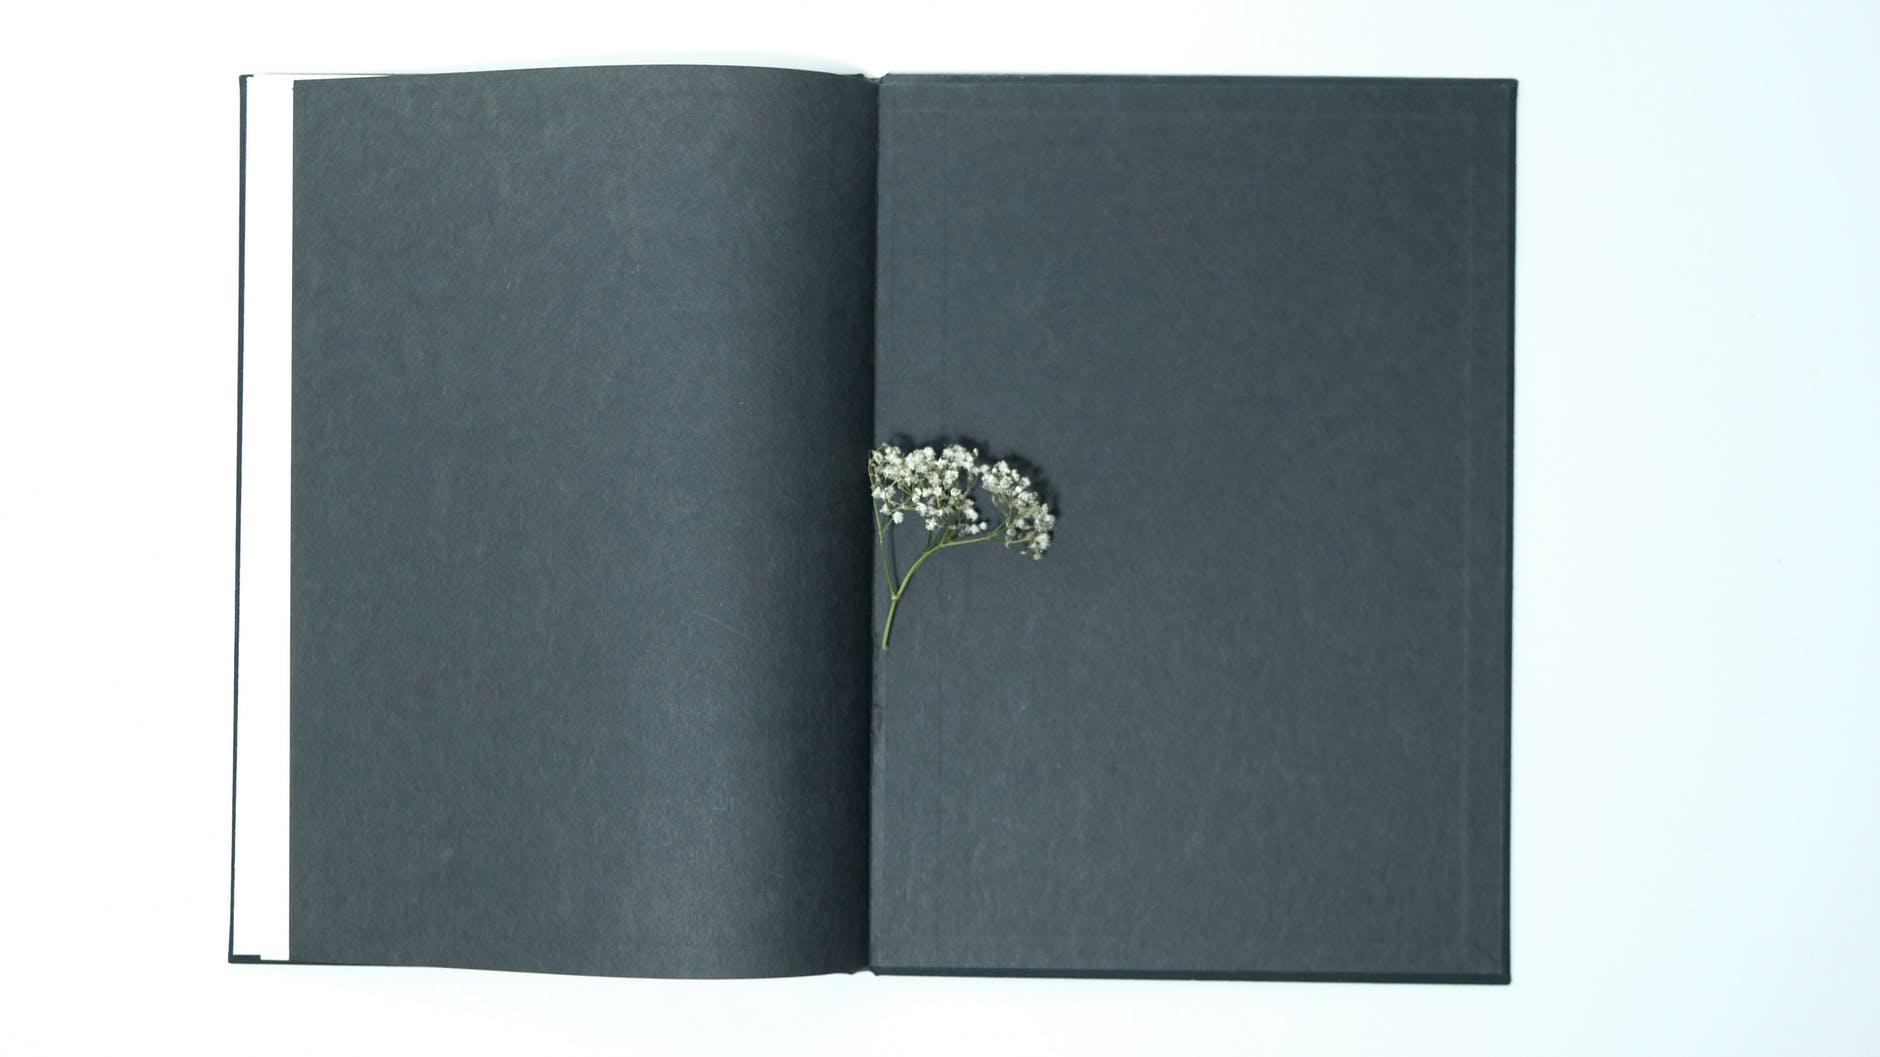 Rousseau's novel 'Julie, ou la nouvelle Héloïse' is a novel that encouraged an era of Romanticism.